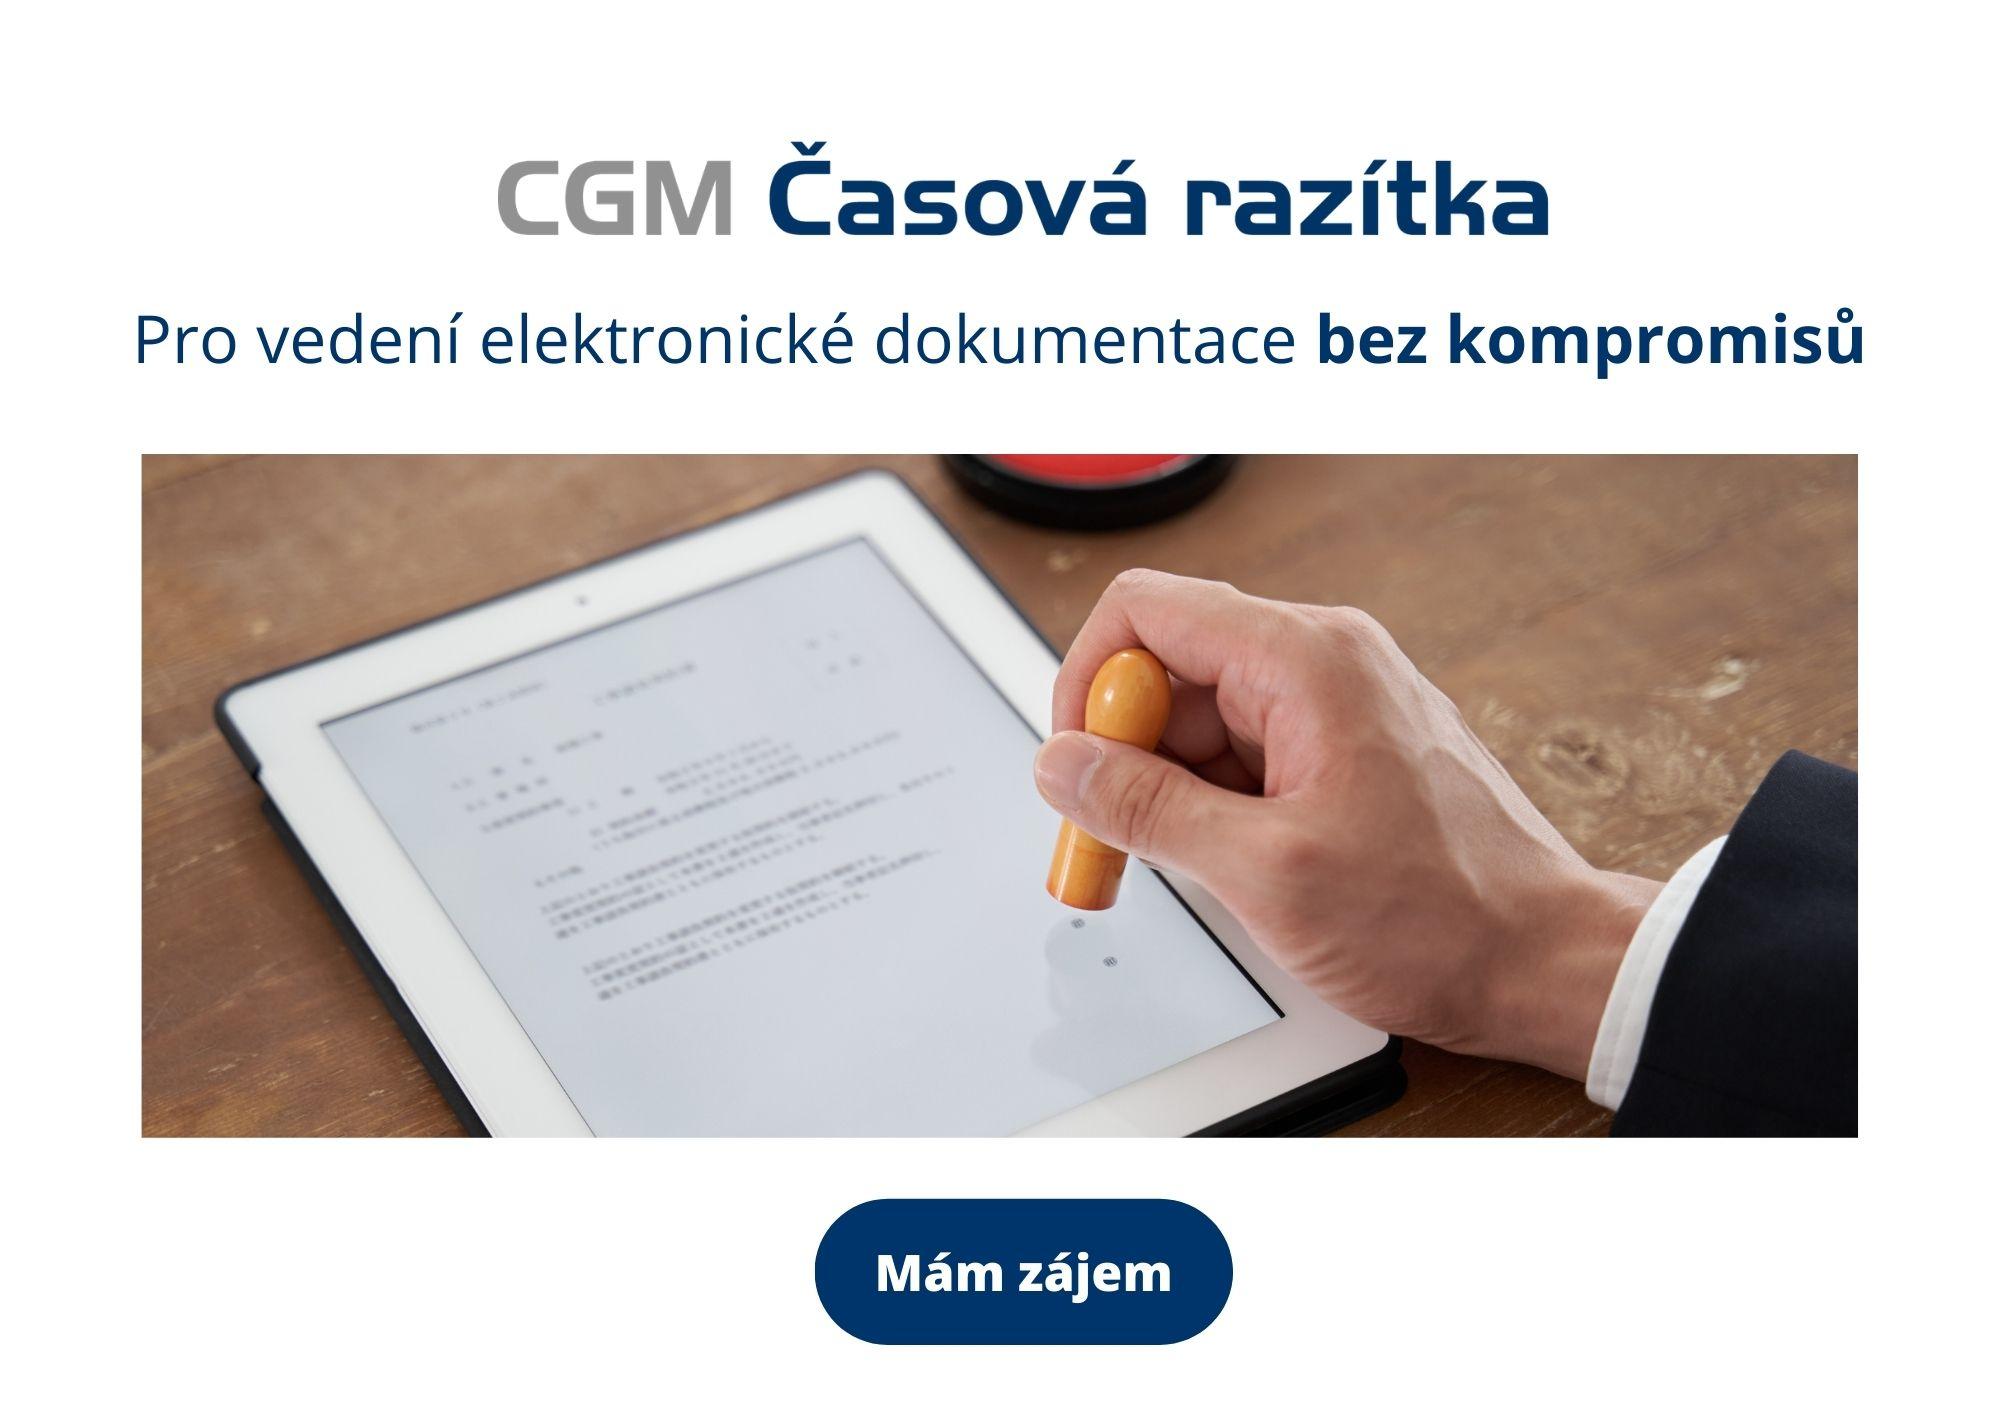 Veďte svou elektronickou dokumentaci bez kompromusů